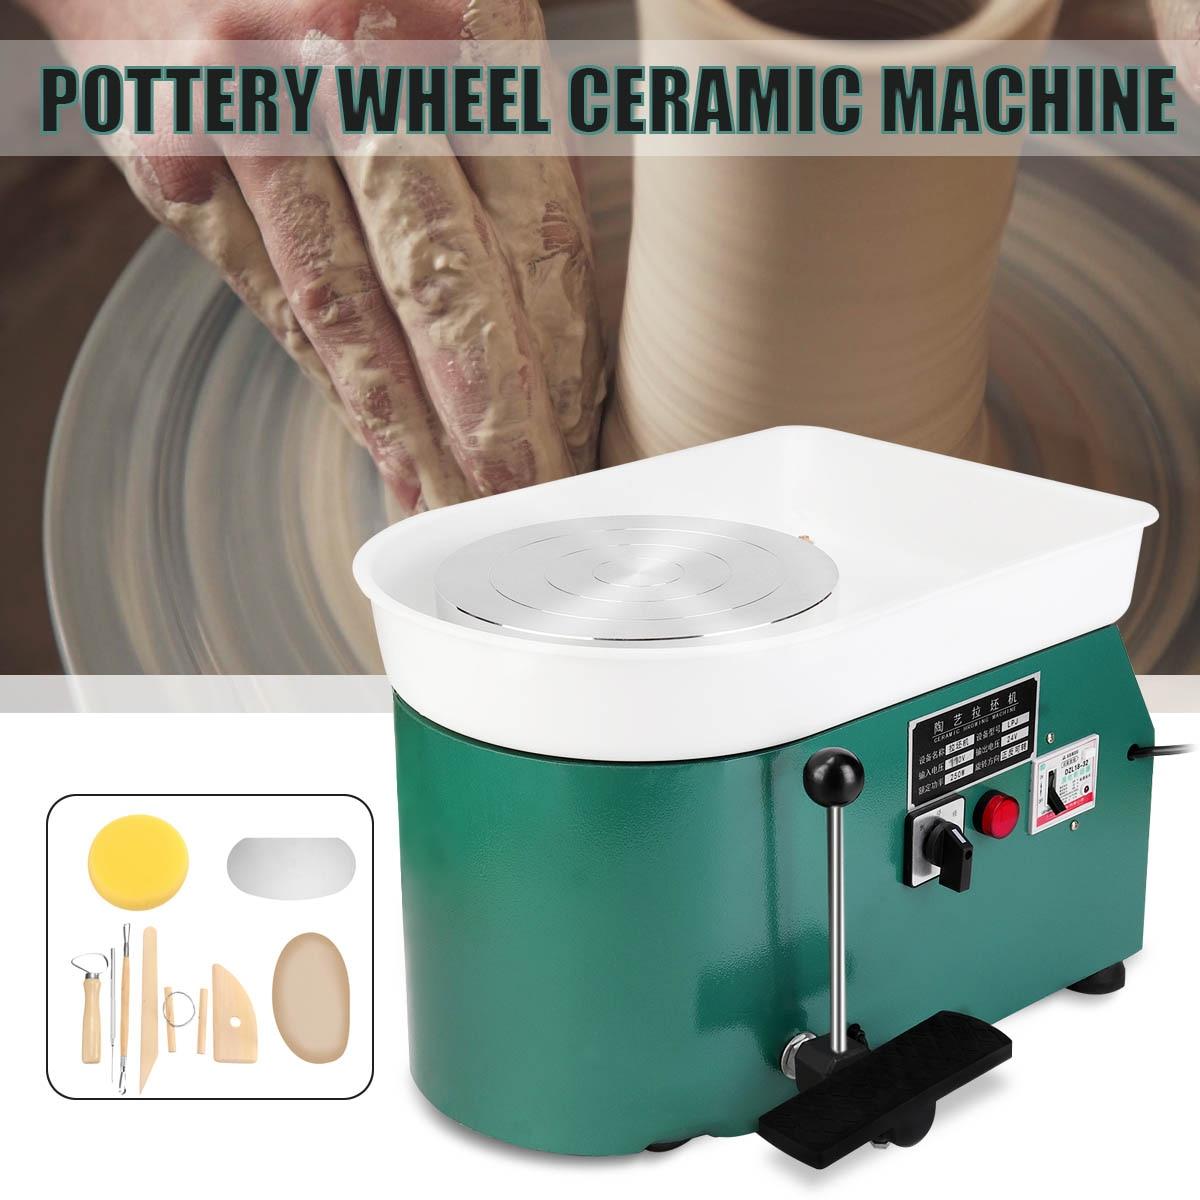 110 V/220 V 3 couleurs poterie formant la Machine électrique poterie roue argile pour travaux pratiques outil avec plateau pour artisanat en céramique 250 W/350 W